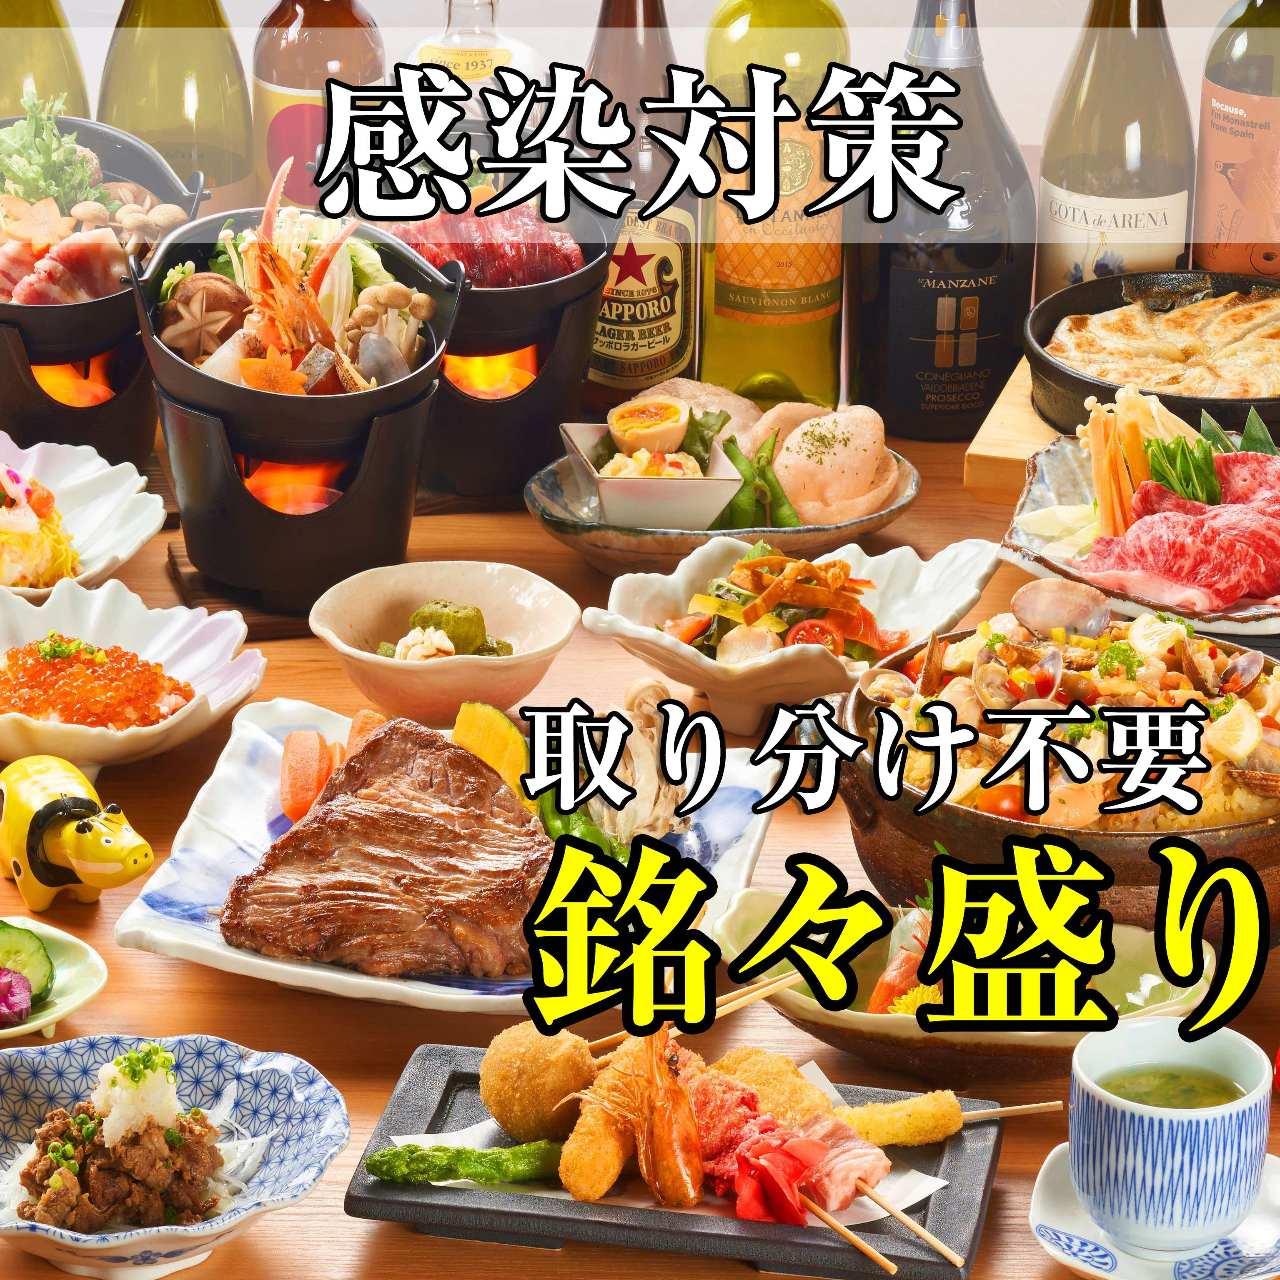 串処 庵ぐら酒場 福島パセオ通り店